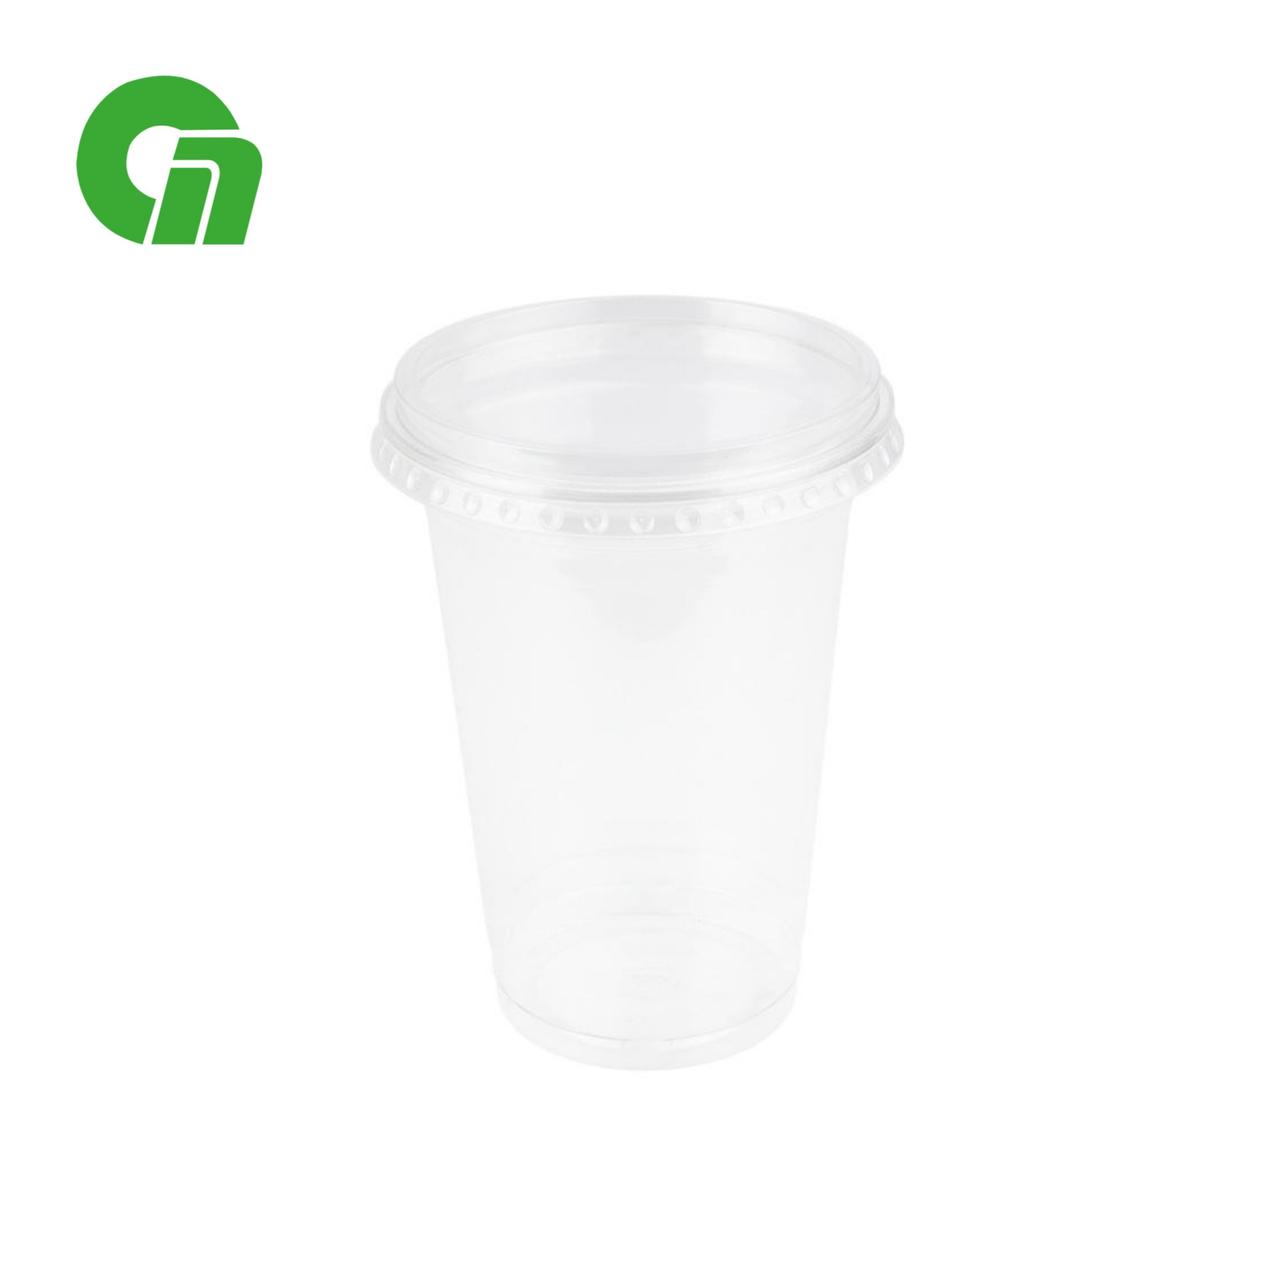 Стакан для коктейлей, пластиковый, с плоской крышкой (с отверстием) - шейкер 400 мл ПЭТ (50/1000)